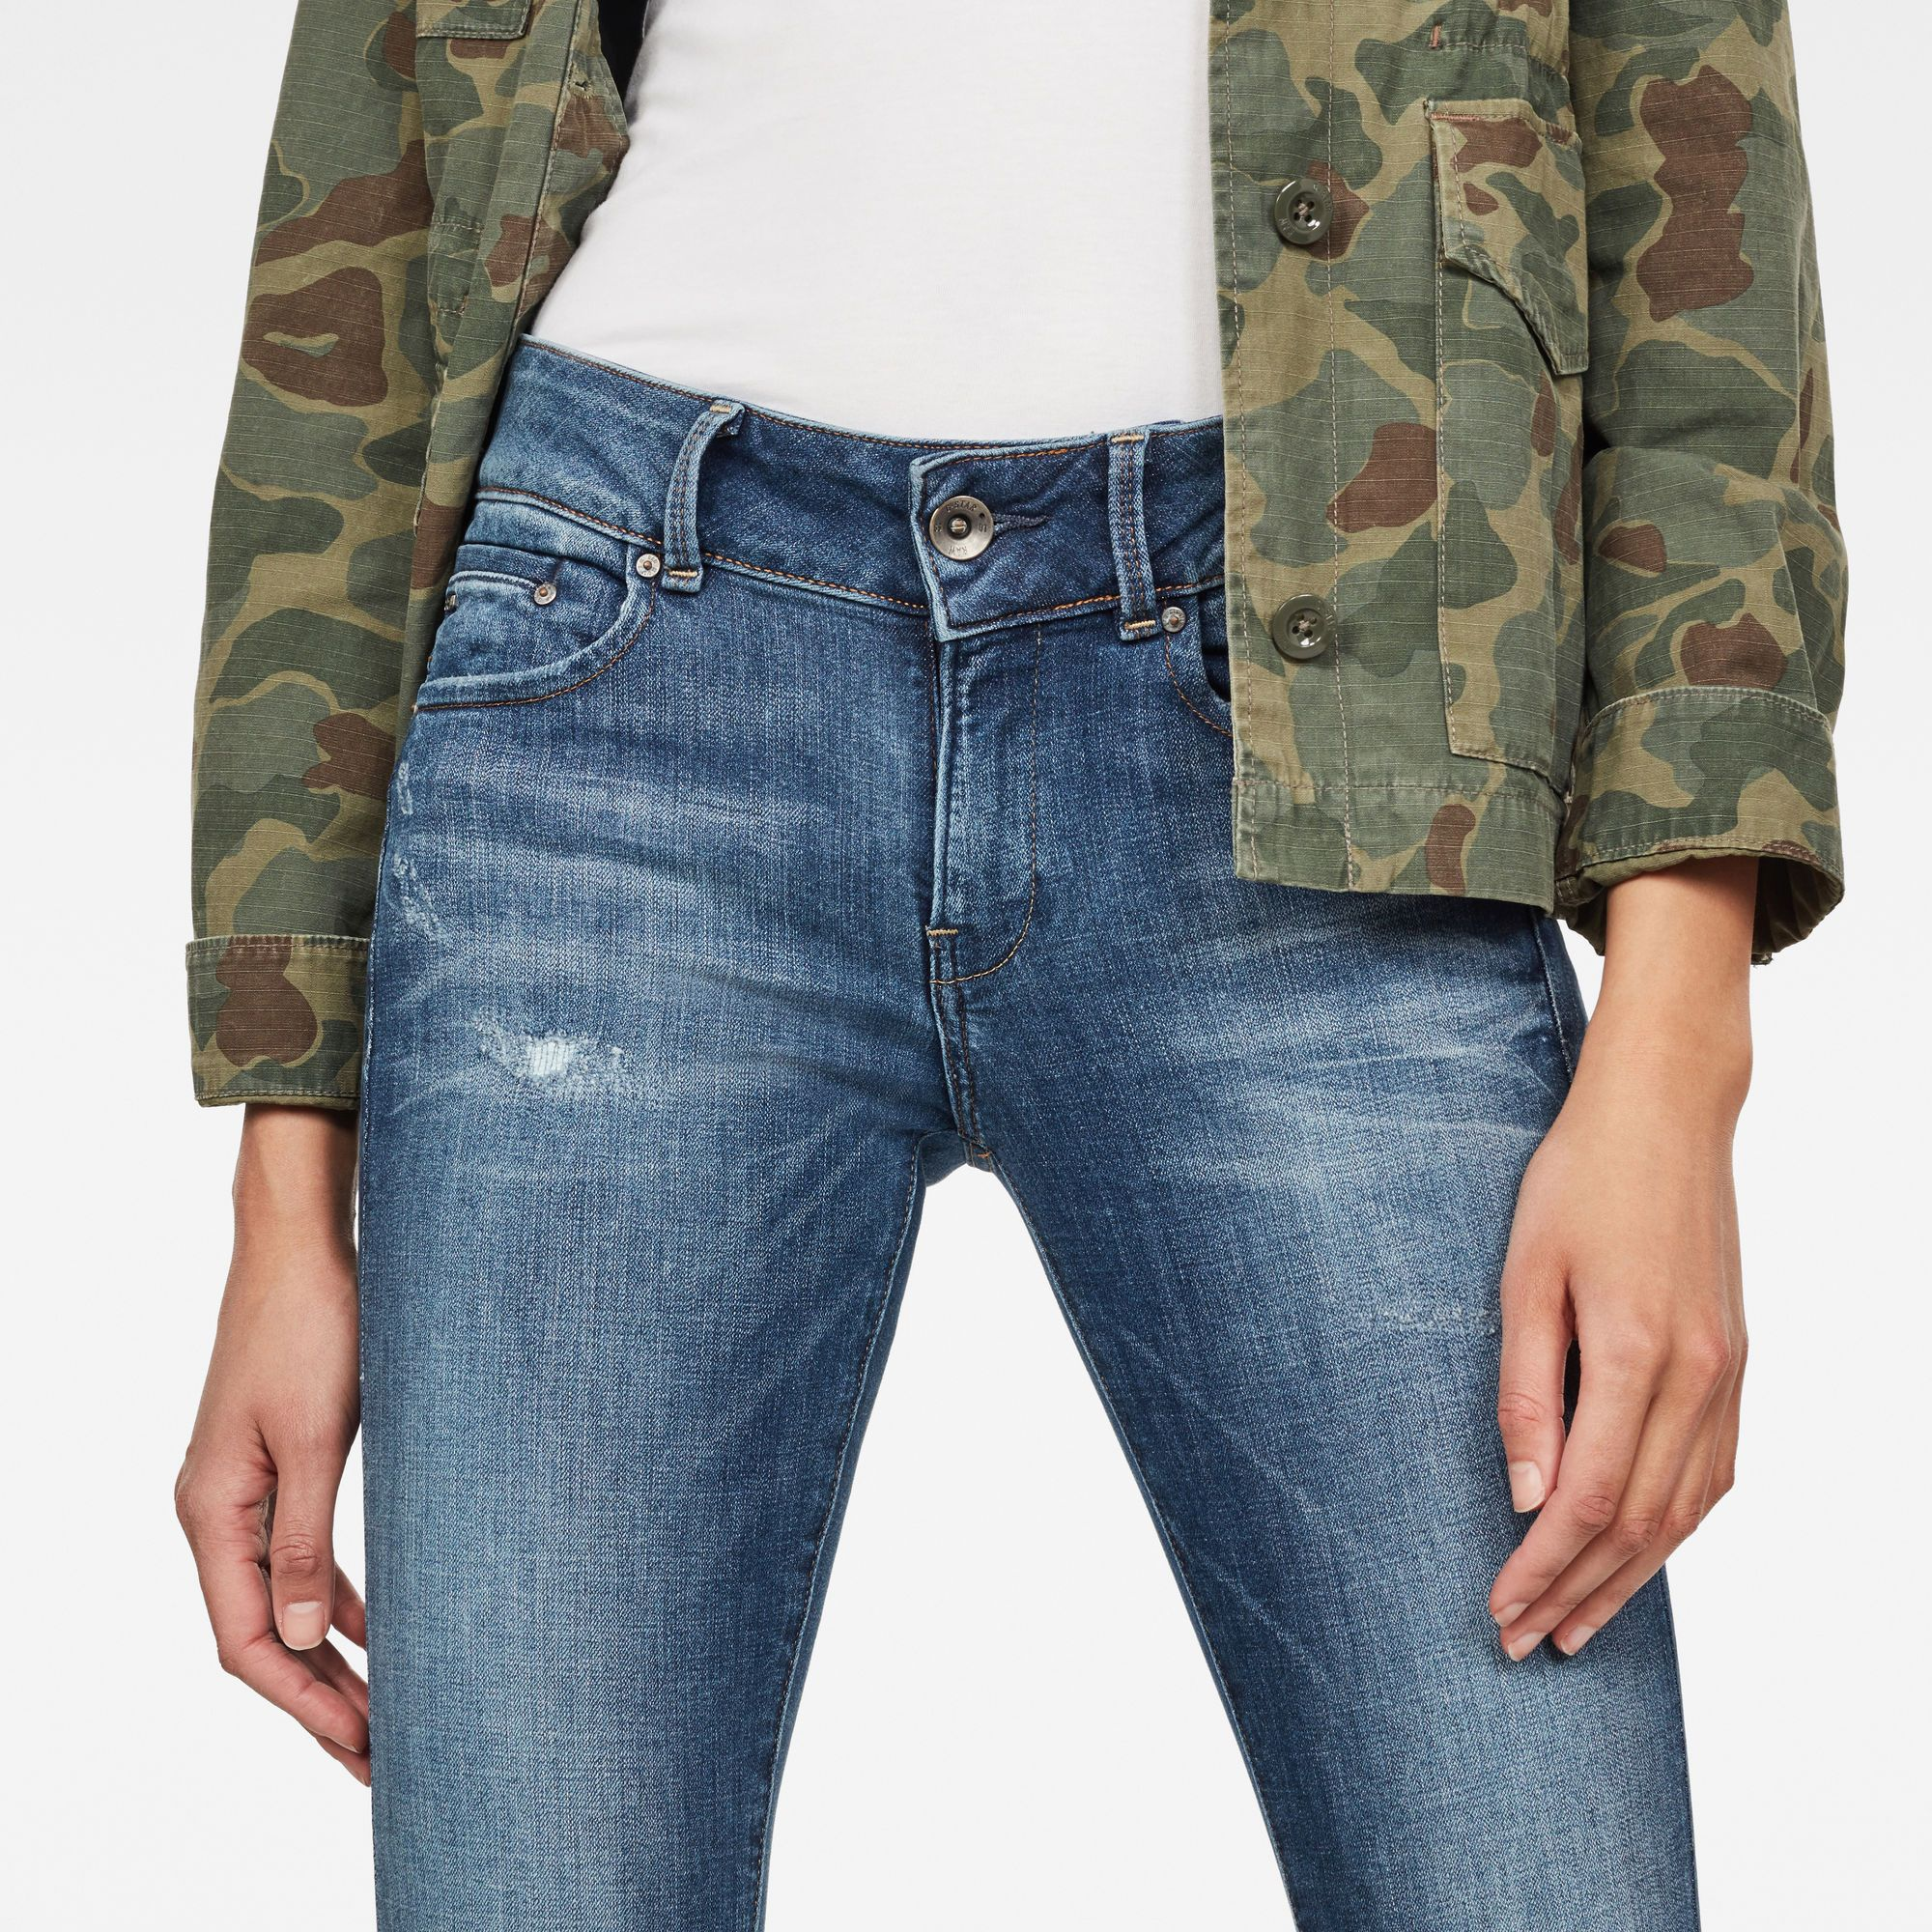 G-Star RAW Midge Cody Mid Waist Skinny Jeans